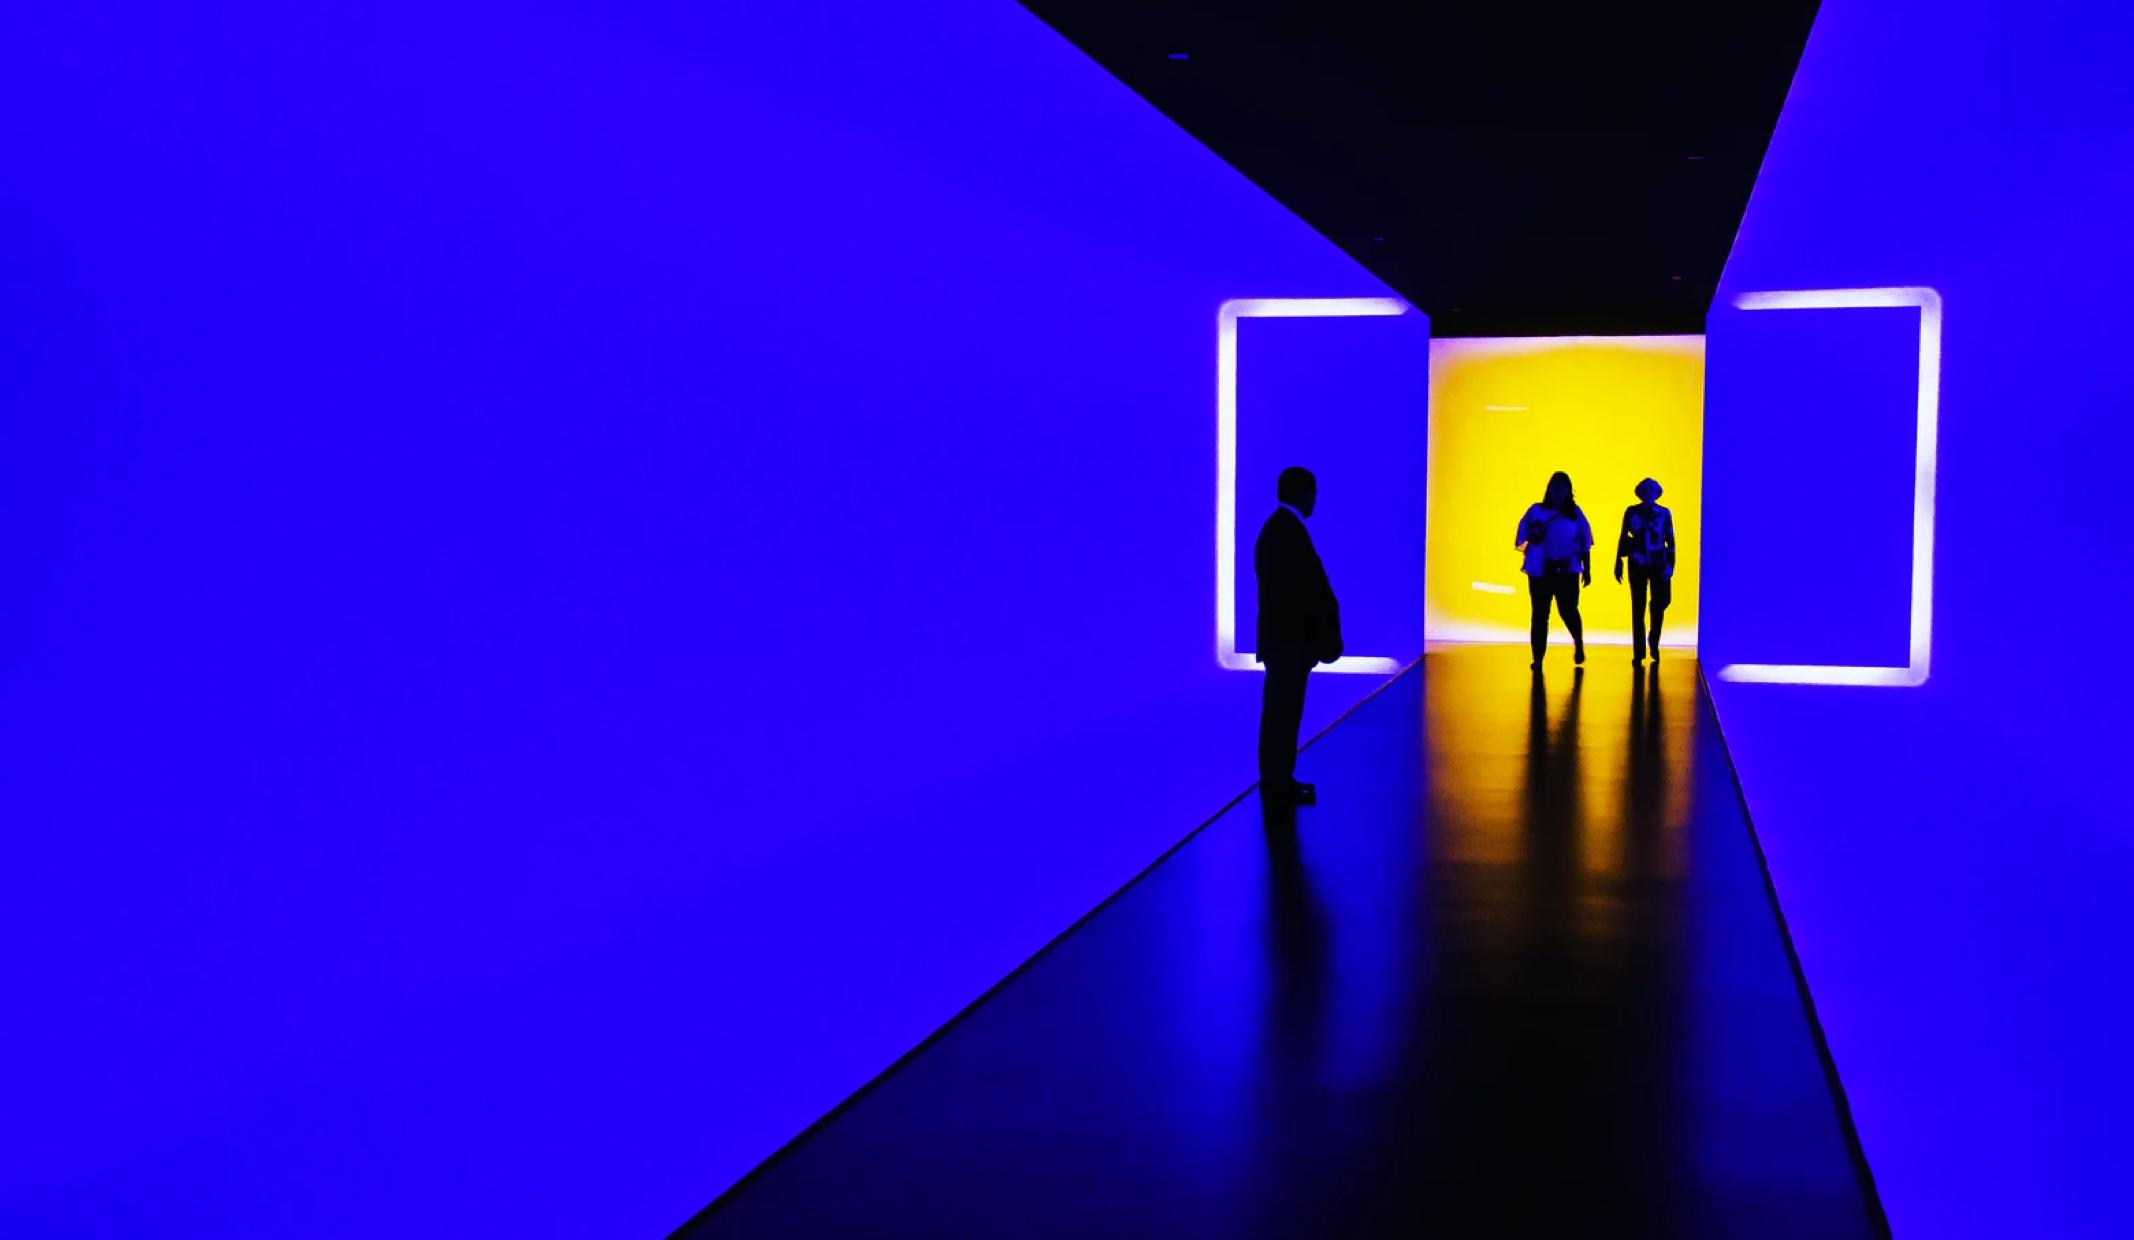 Blue futuristic office area